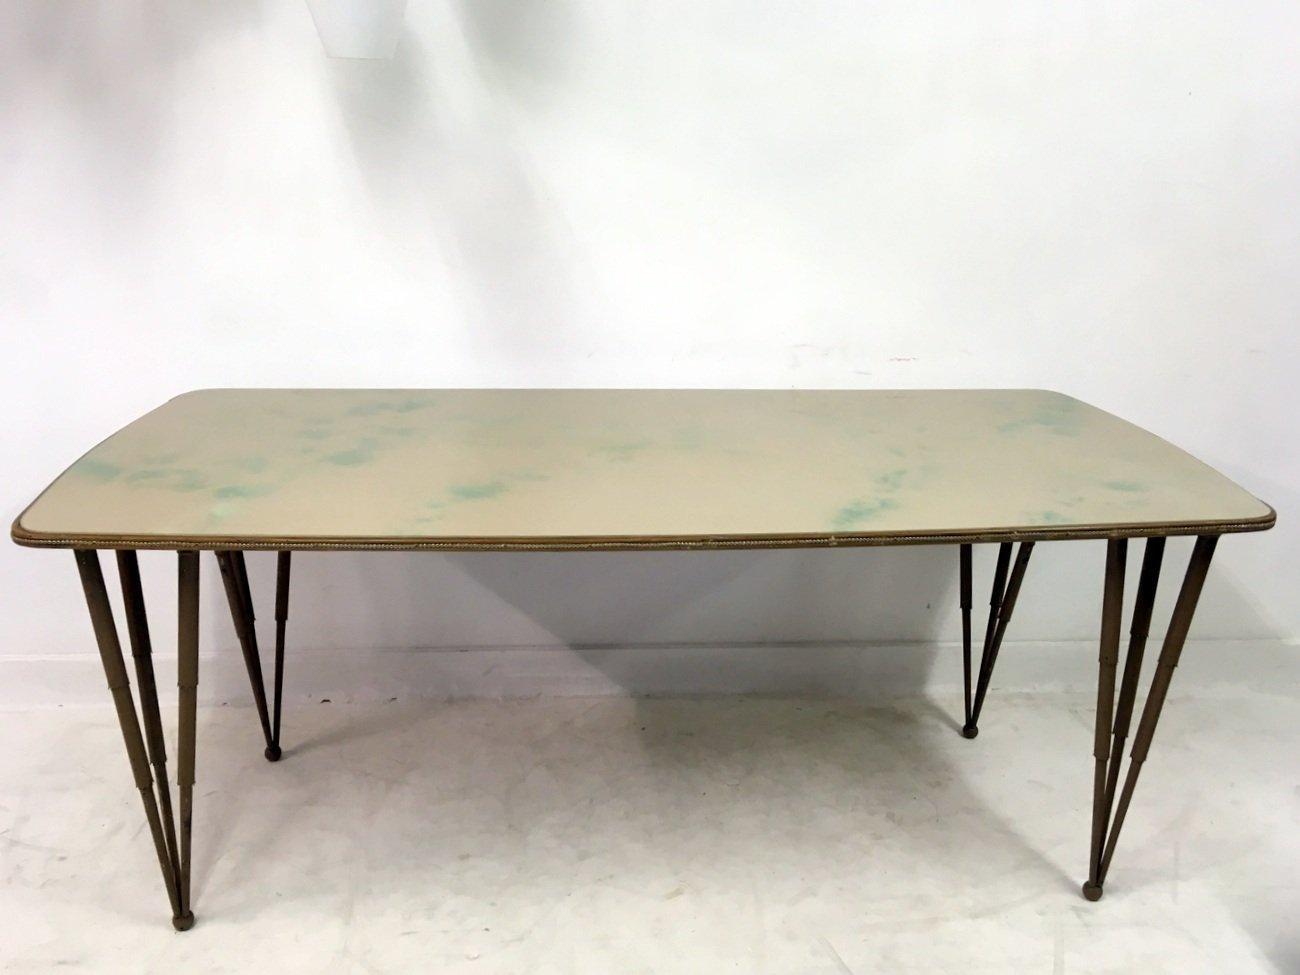 italienischer esstisch mit glasplatte metallbeinen. Black Bedroom Furniture Sets. Home Design Ideas